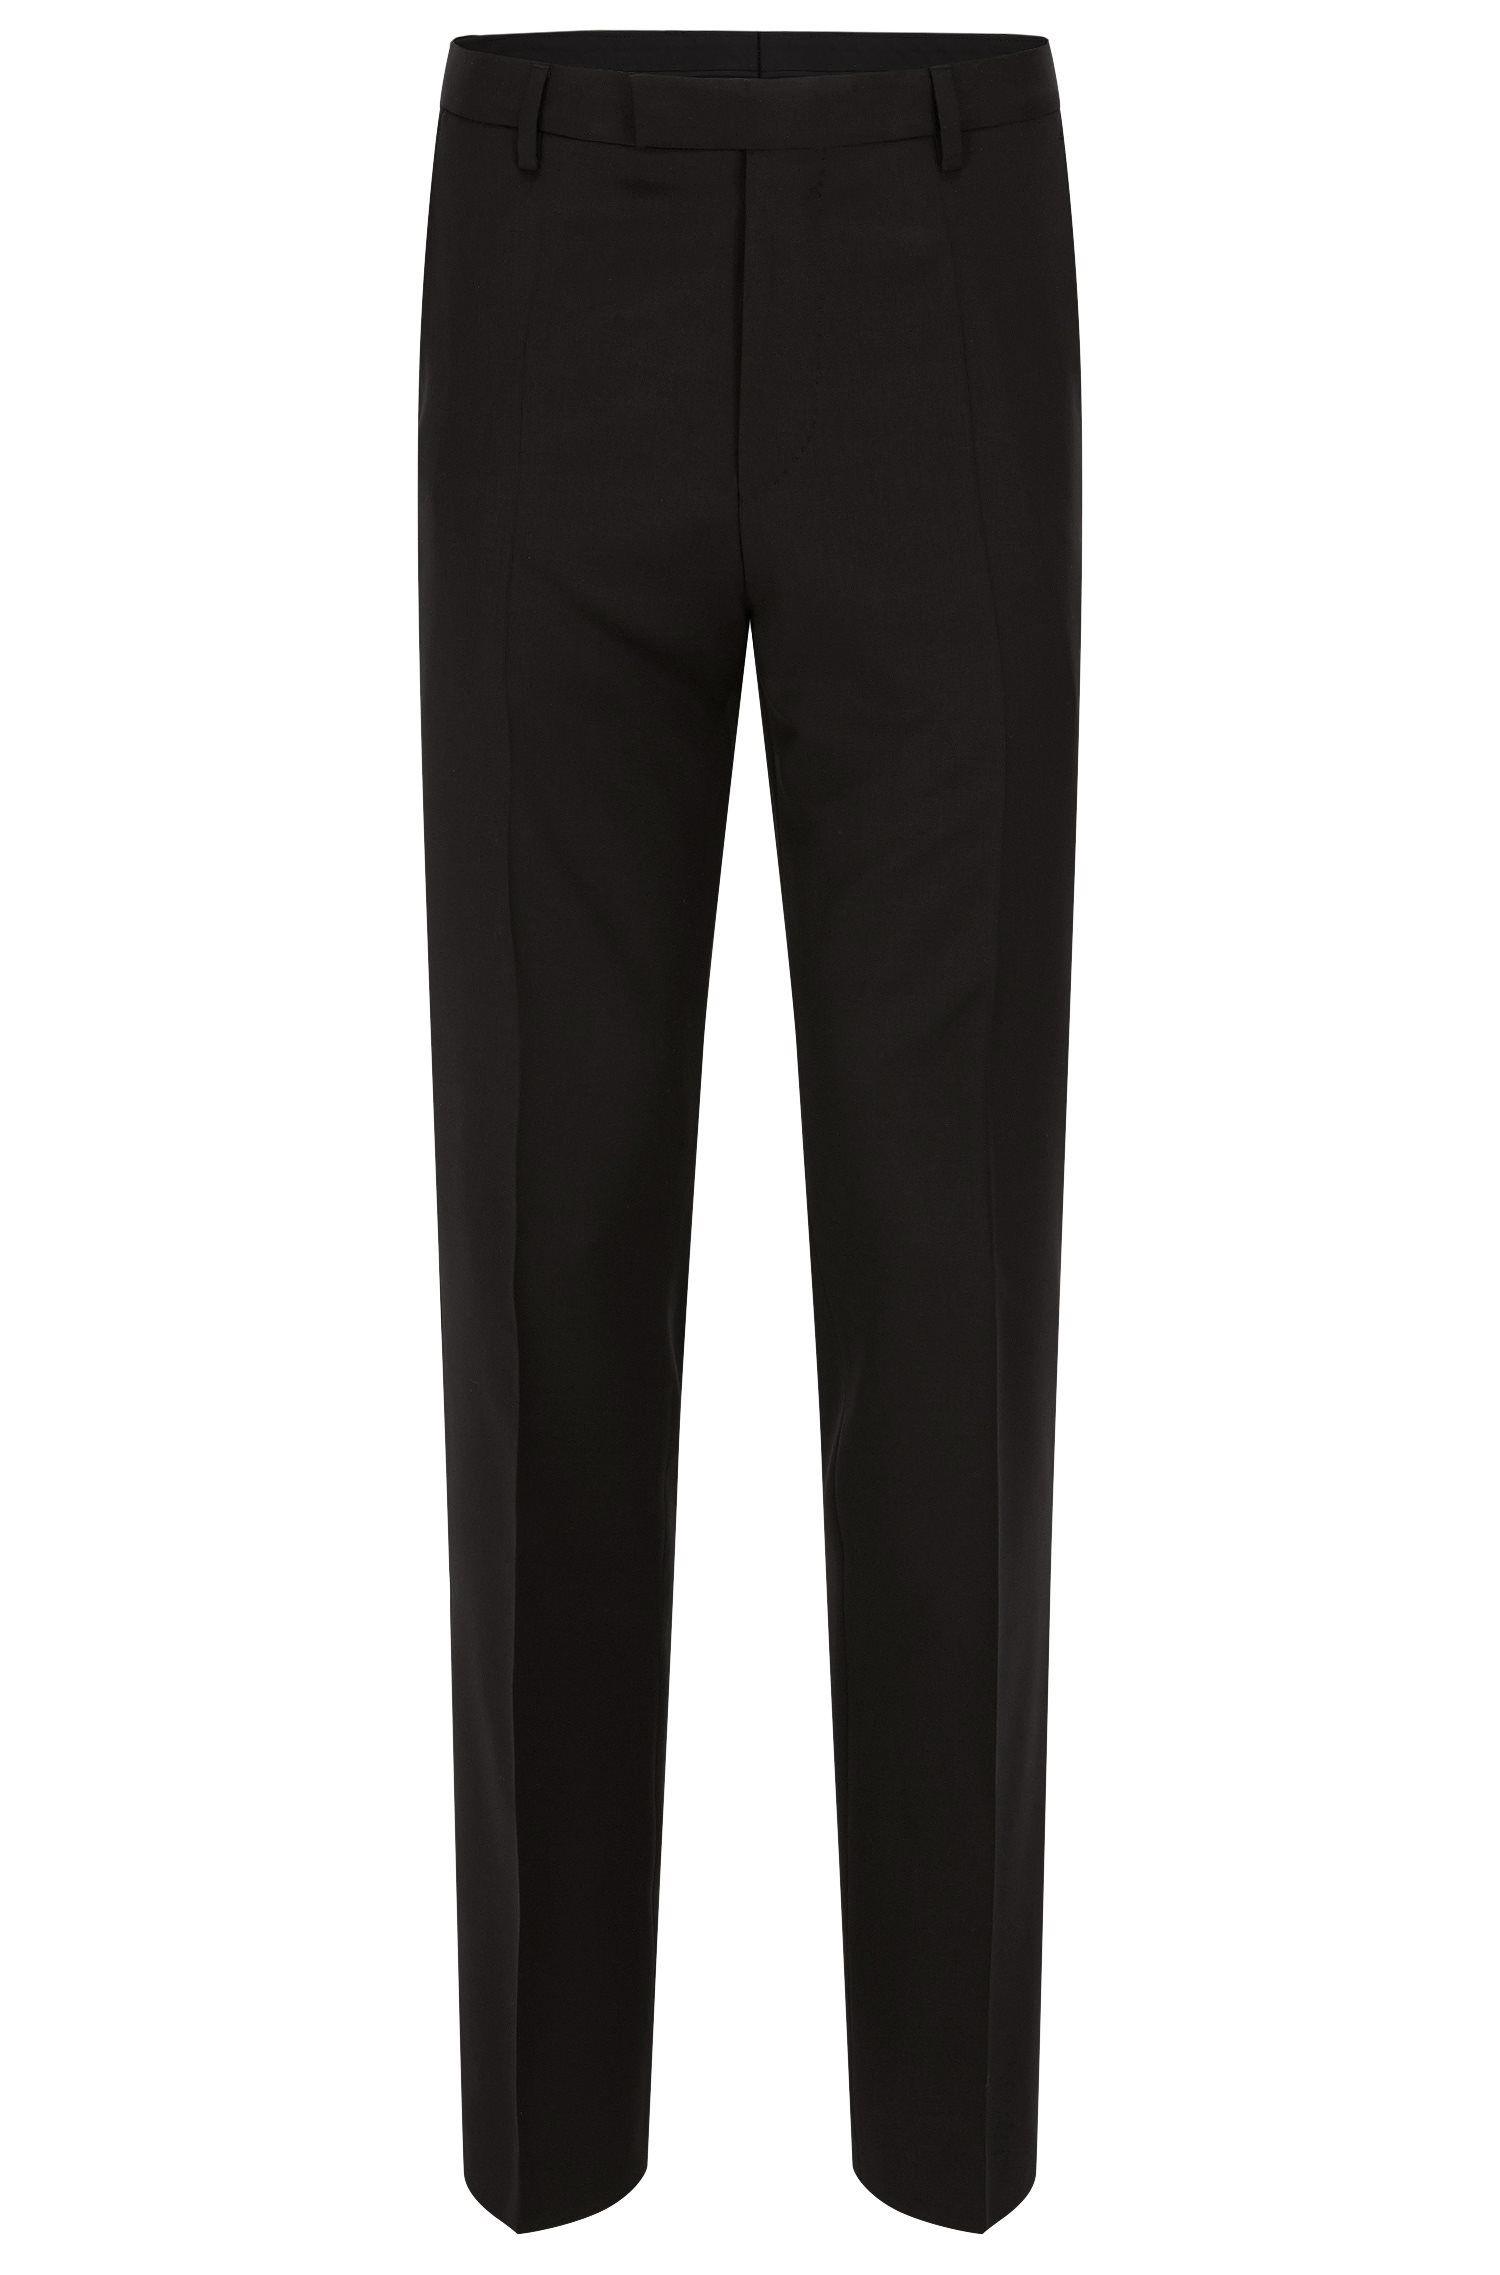 Business-Hose aus Schurwolle mit geradem Beinverlauf